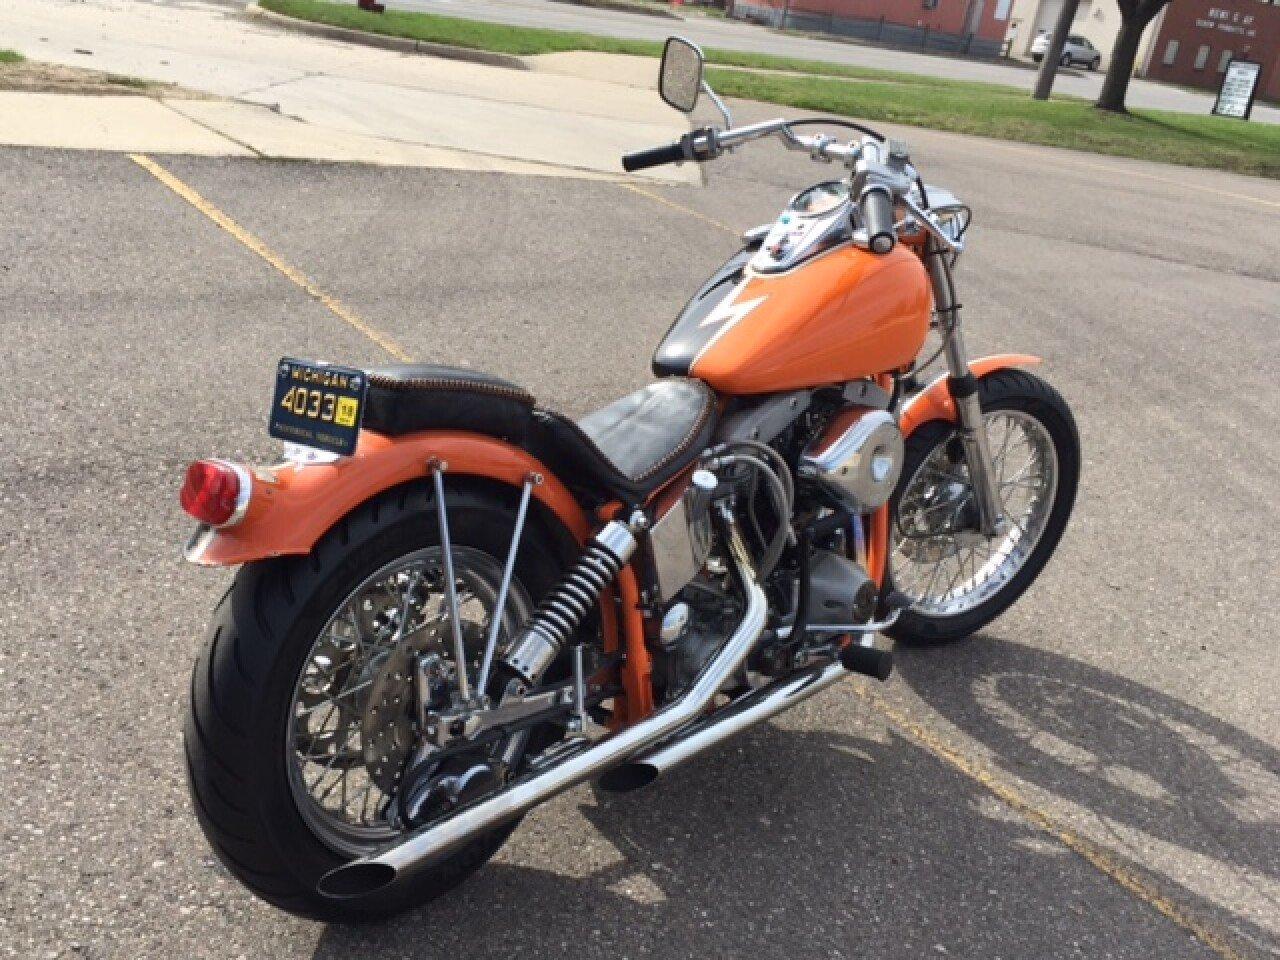 1977 Harley Davidson Other Harley Davidson Models for sale